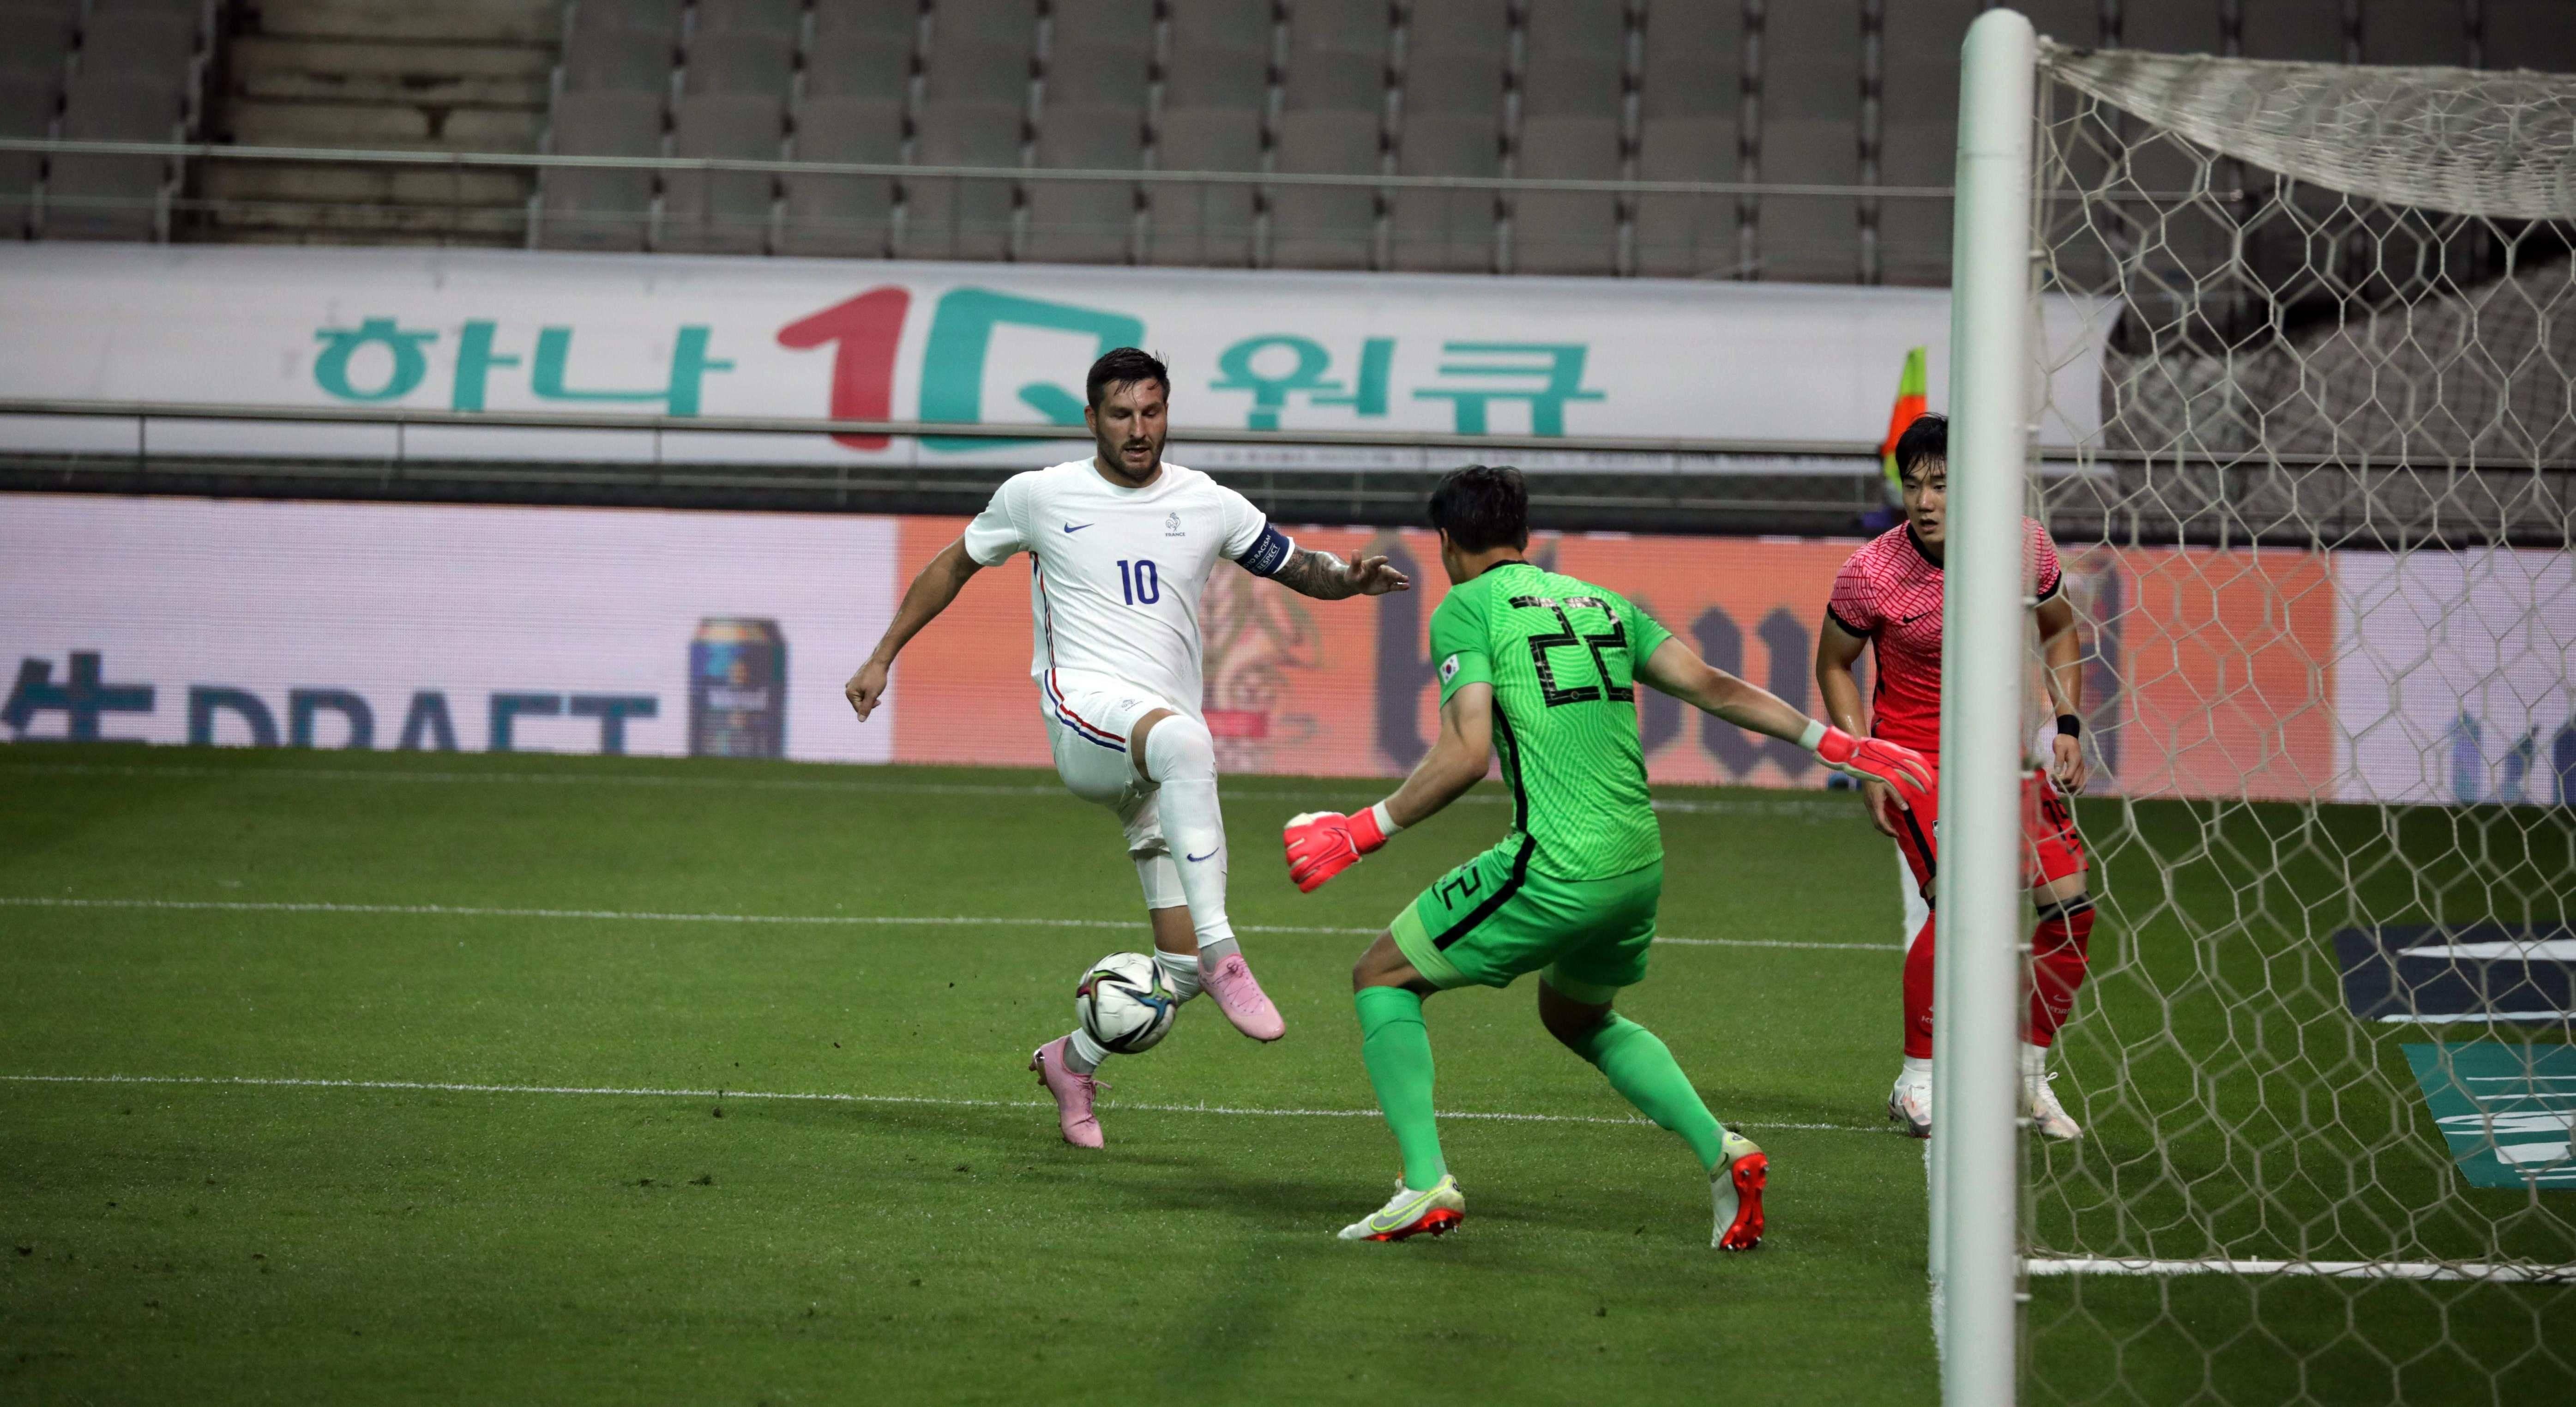 Corée du Sud-France Olympique (1-2)